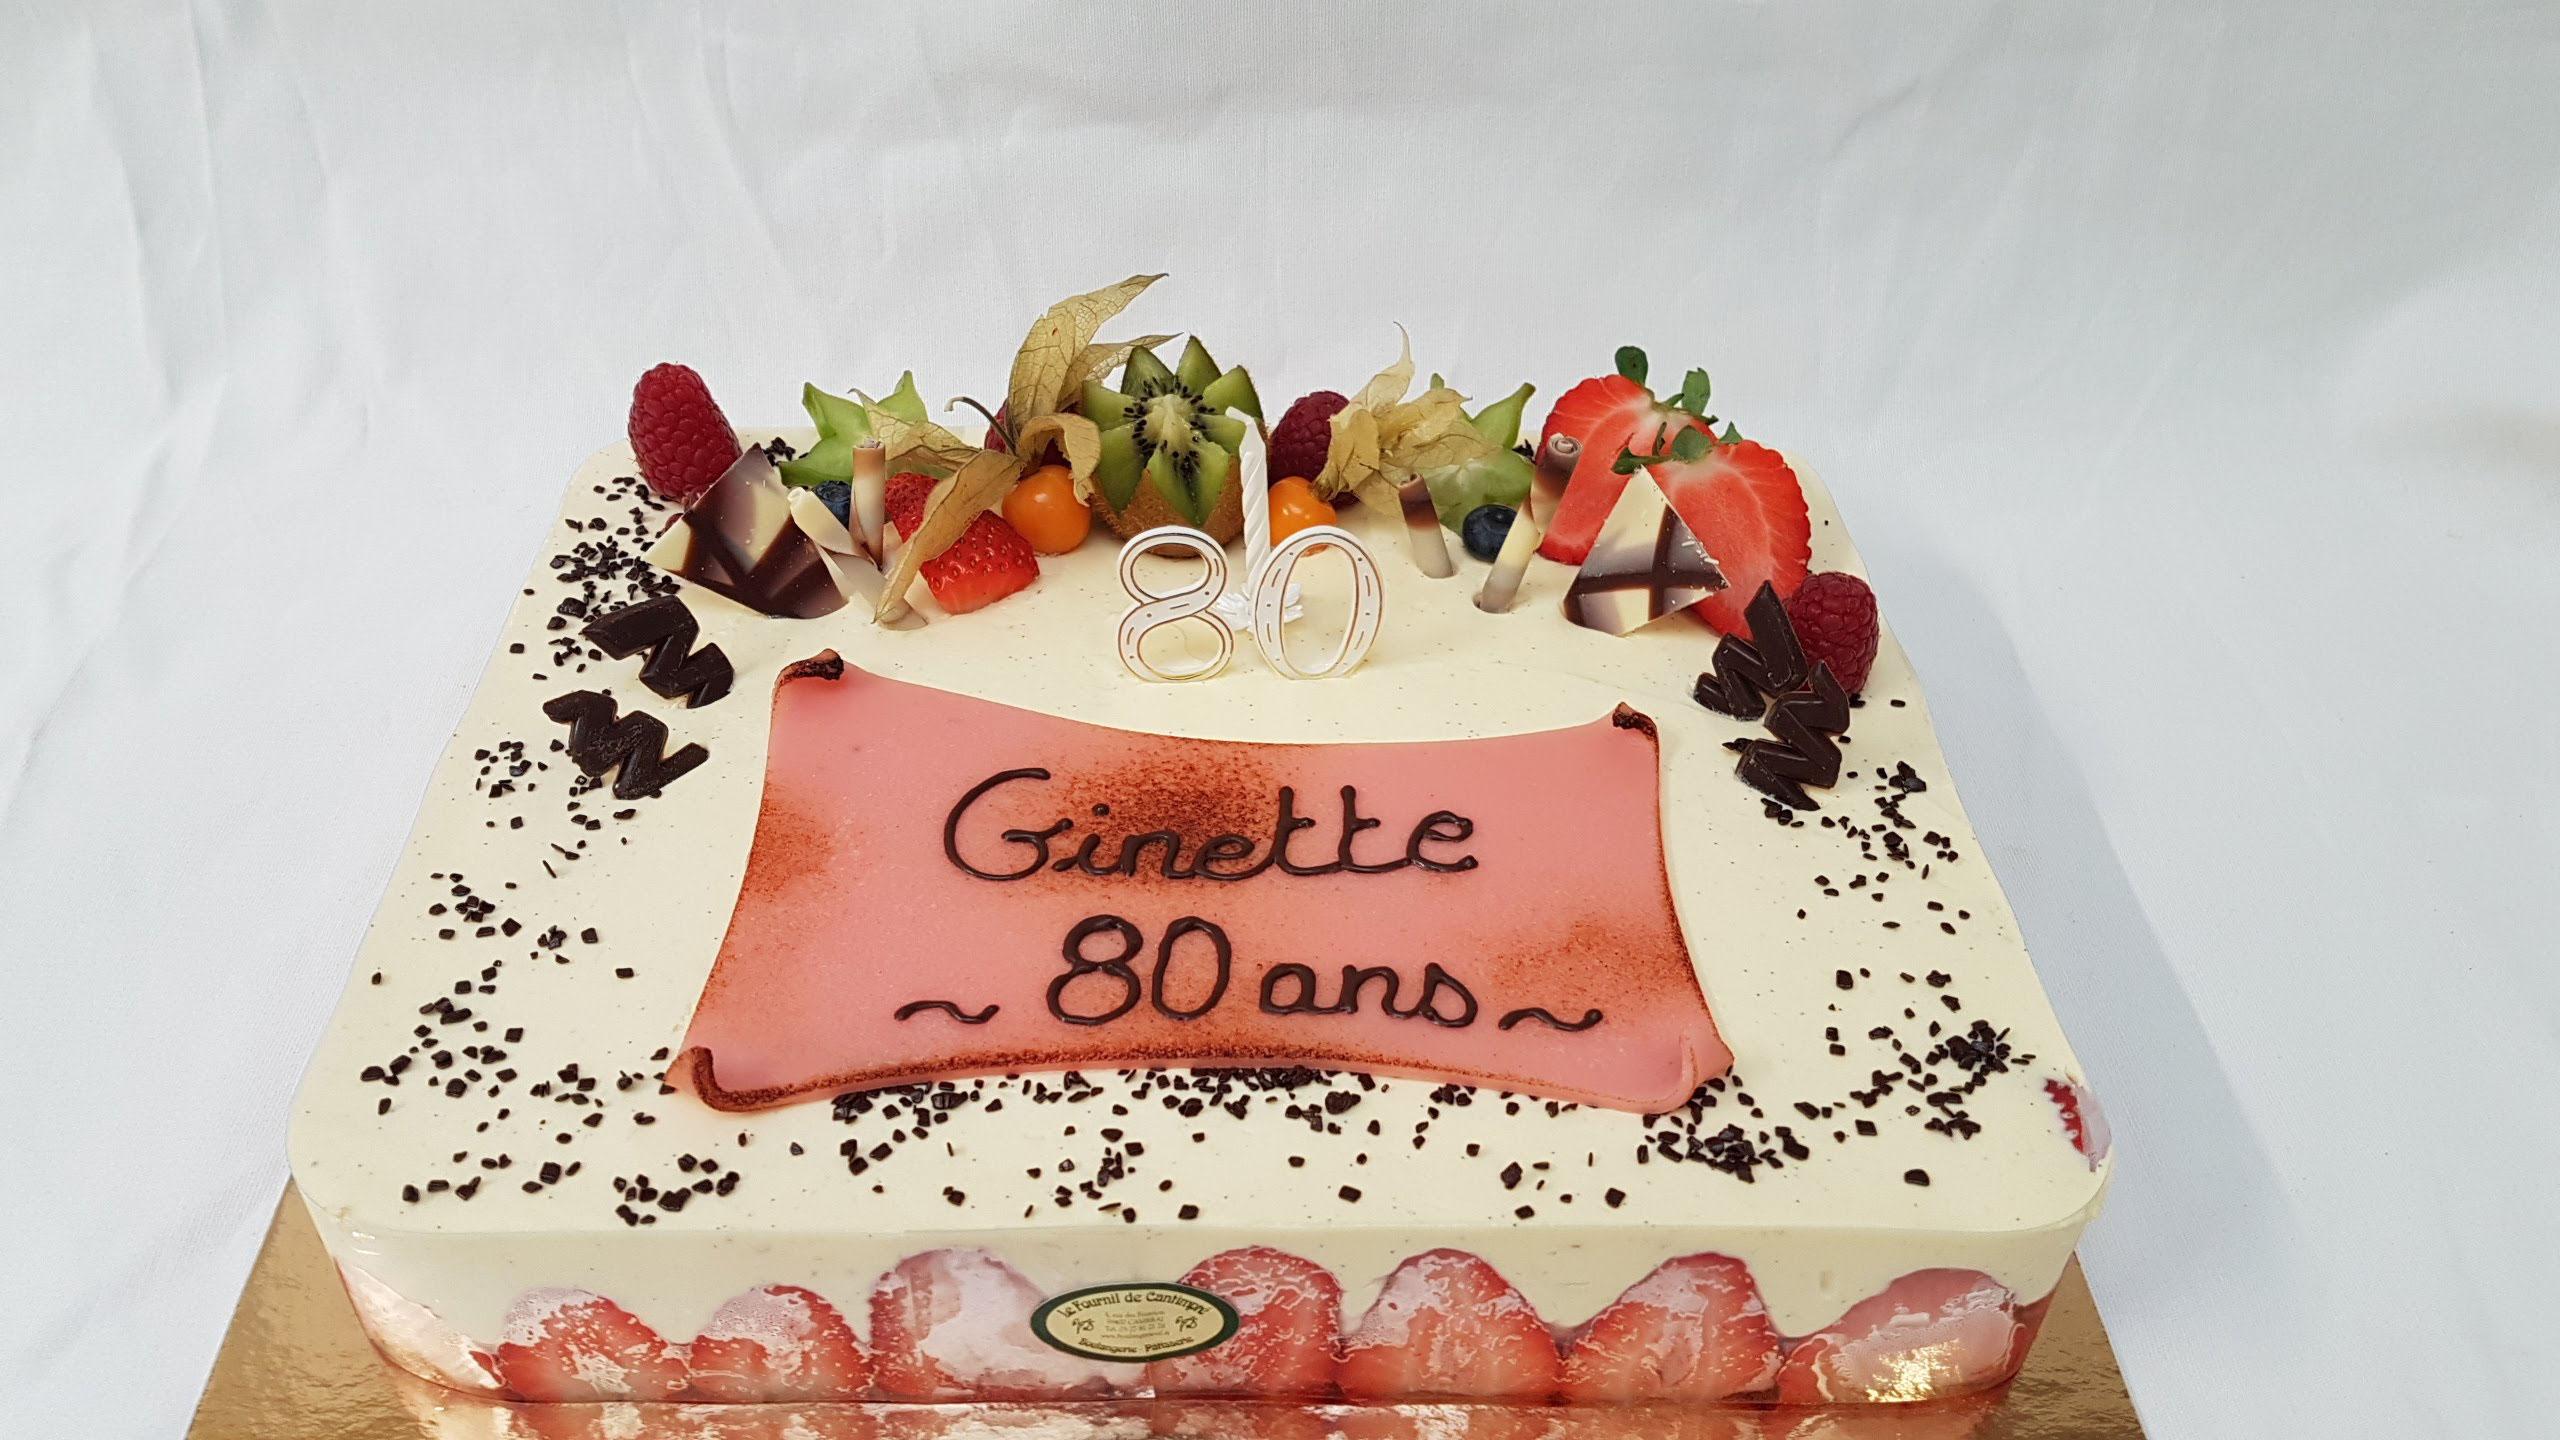 Christmas cake - Site de boulangerie-vd.fr